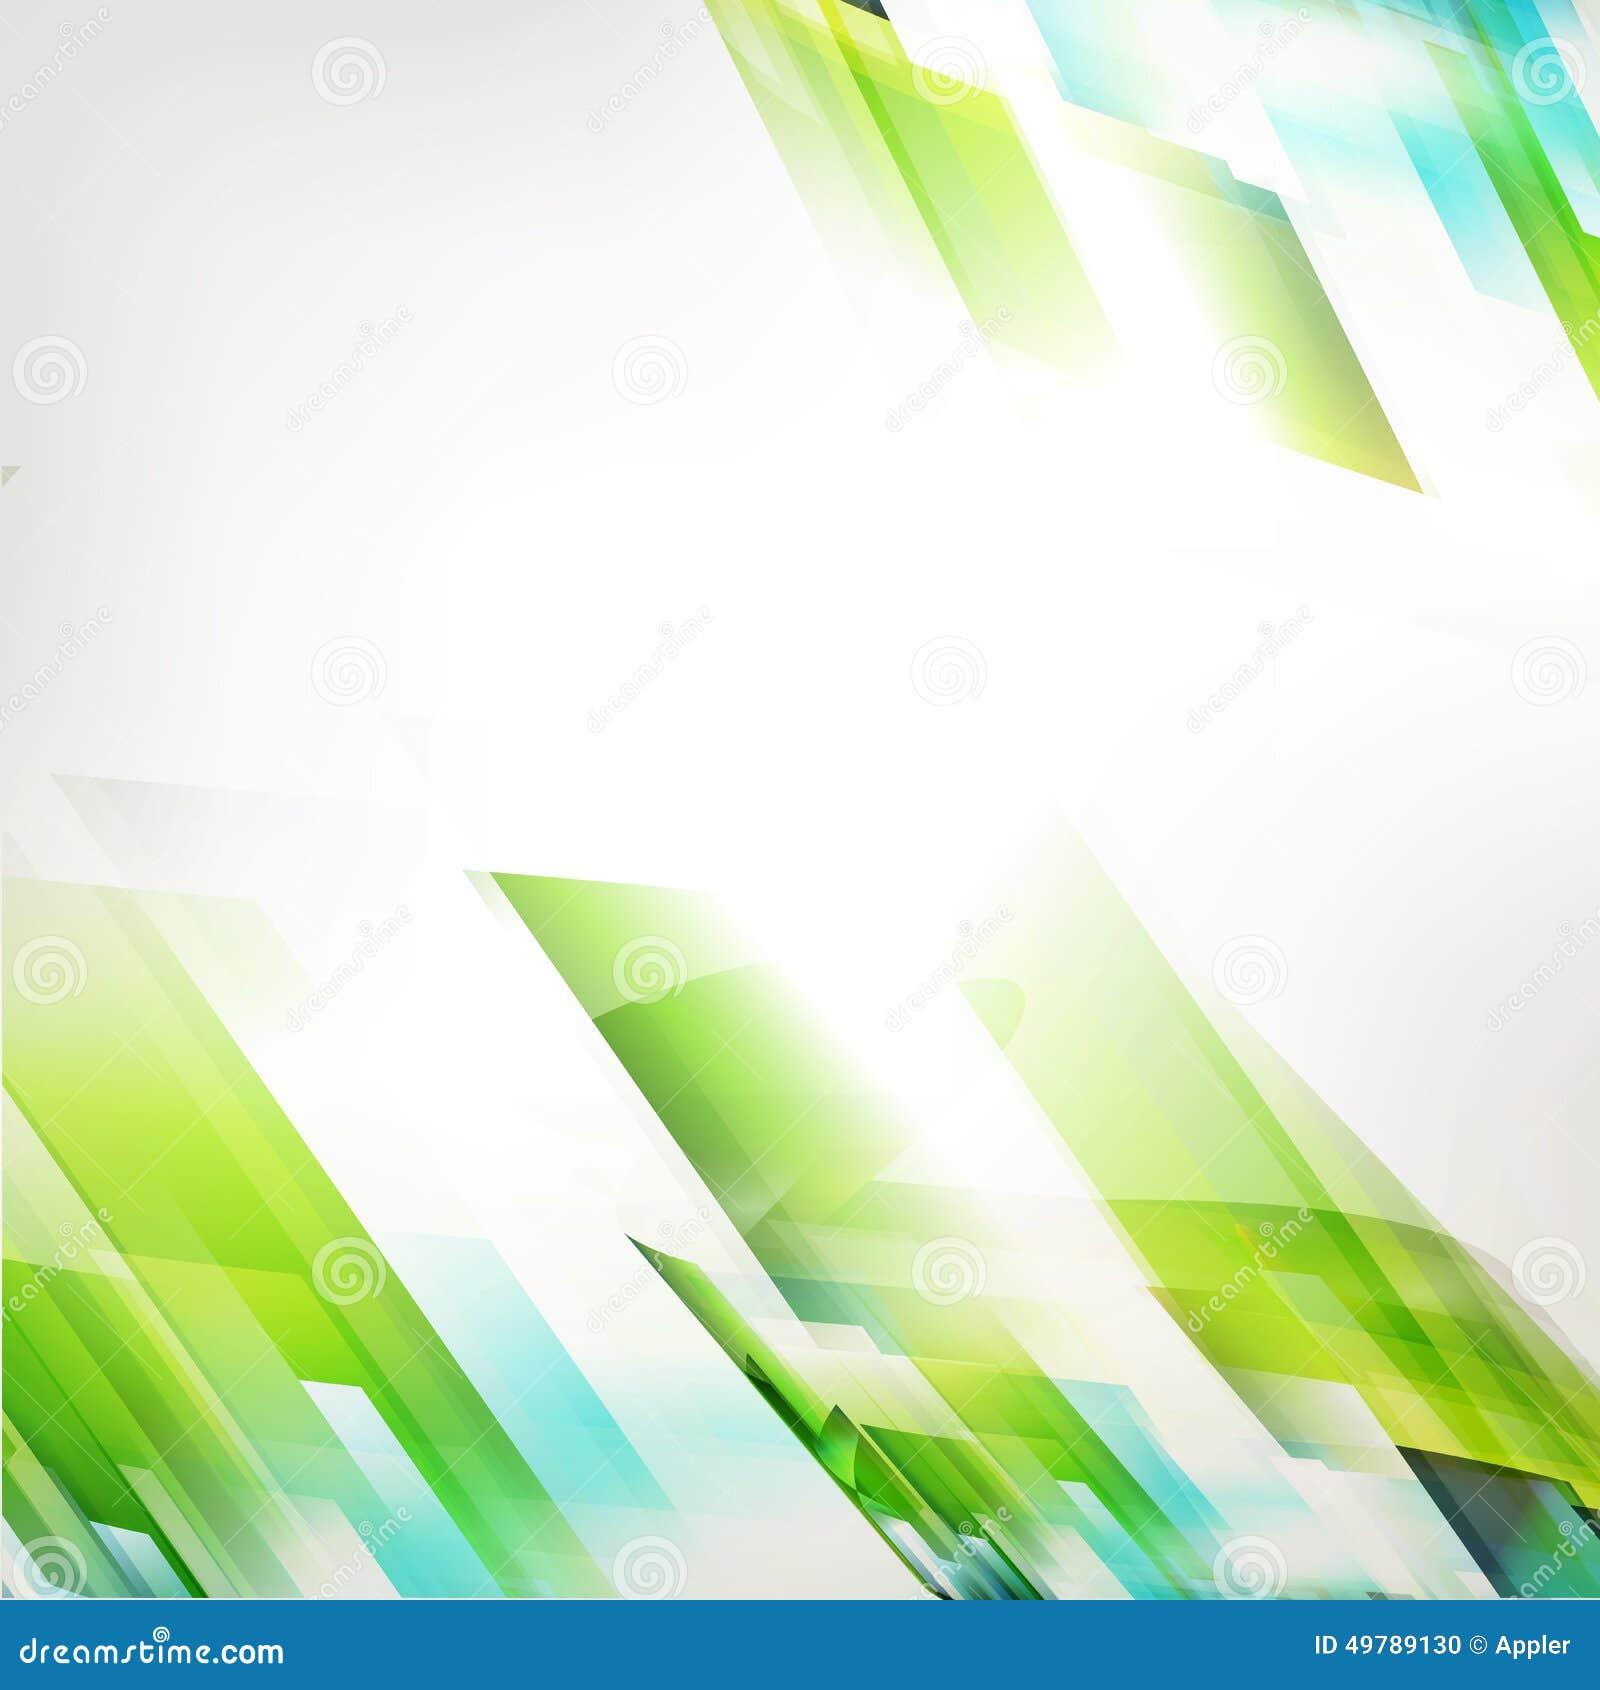 Image Result For Download Background X Banner Design